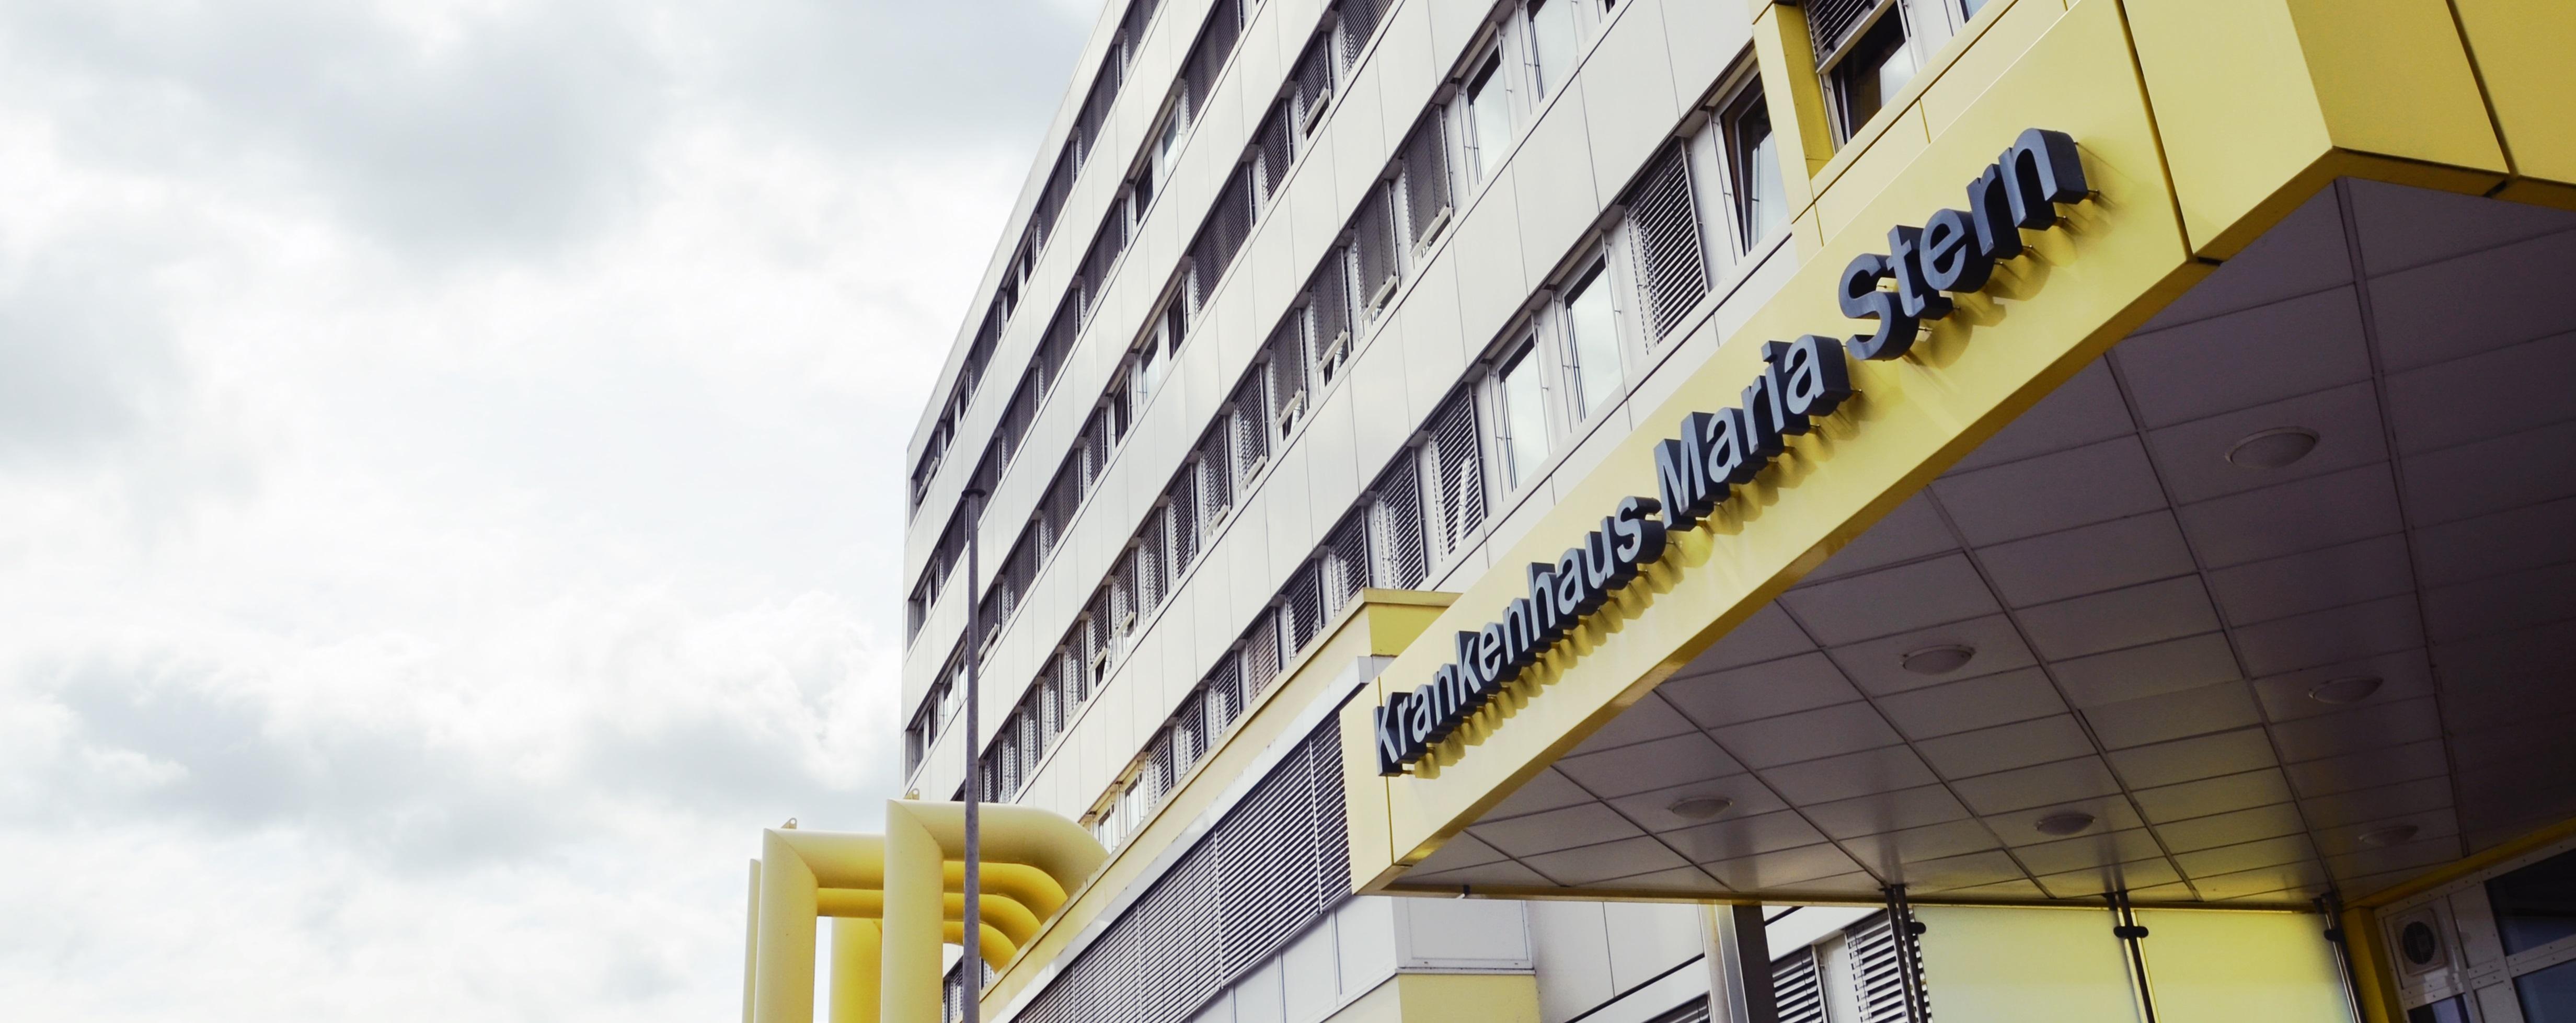 Schön Krankenhaus Aufnehmen Galerie - Beispiel Business Lebenslauf ...